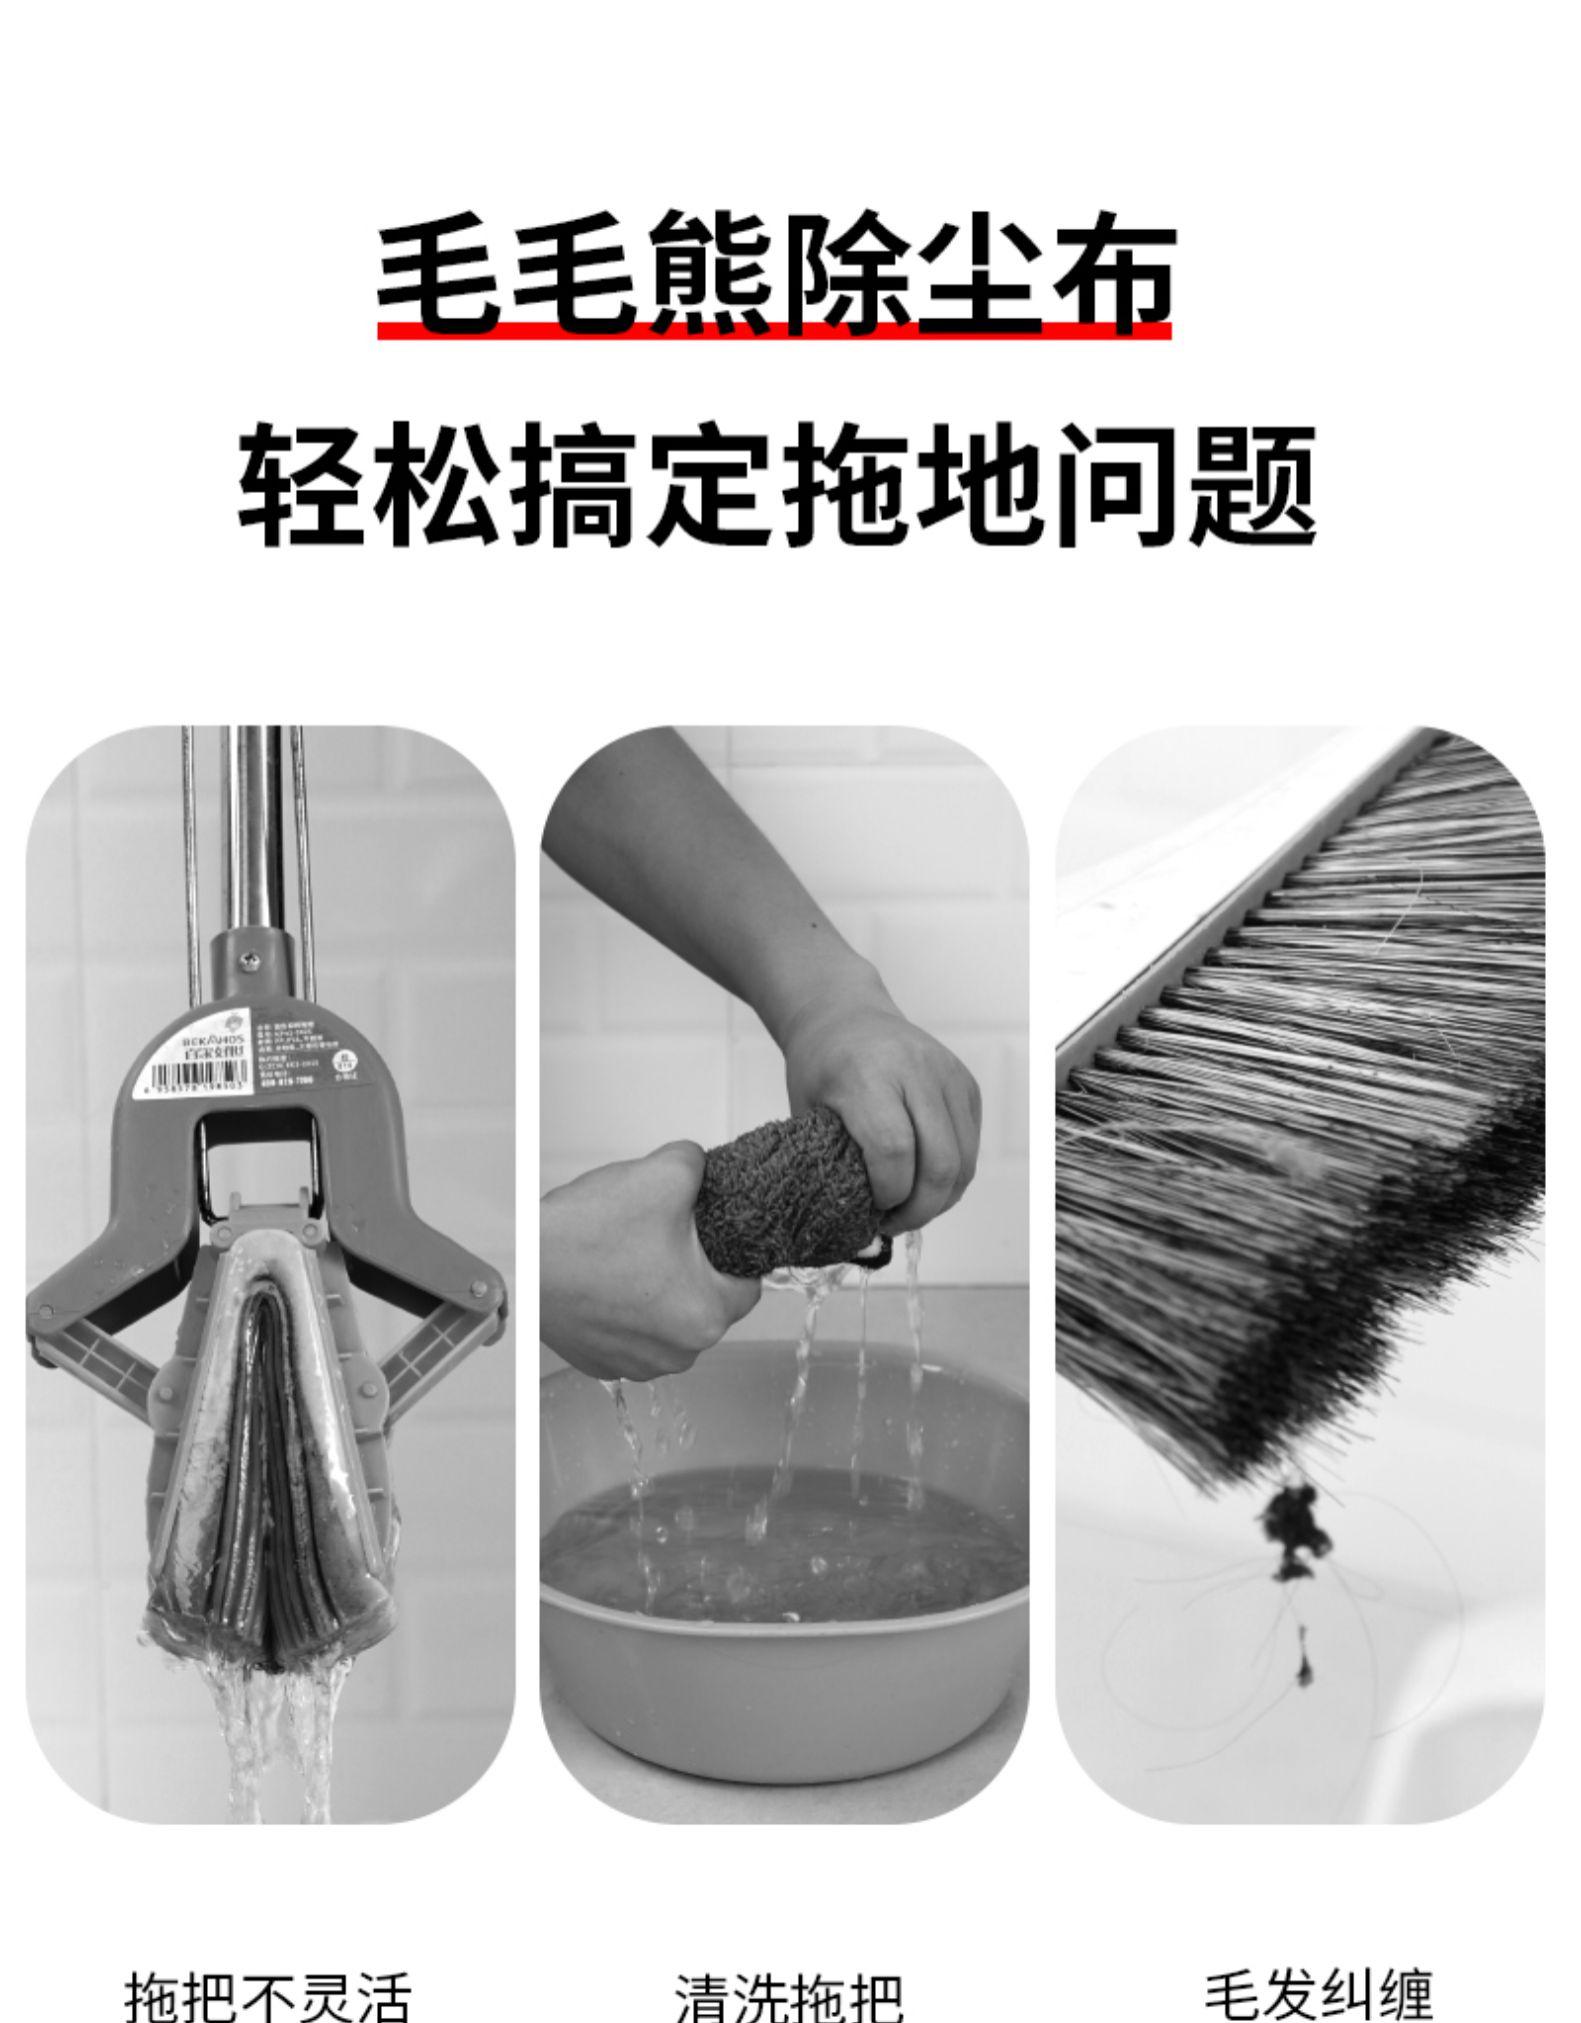 静电拖把免手洗一次性拖把吸尘纸家用擦地拖布干湿用懒人抹布拖地详细照片